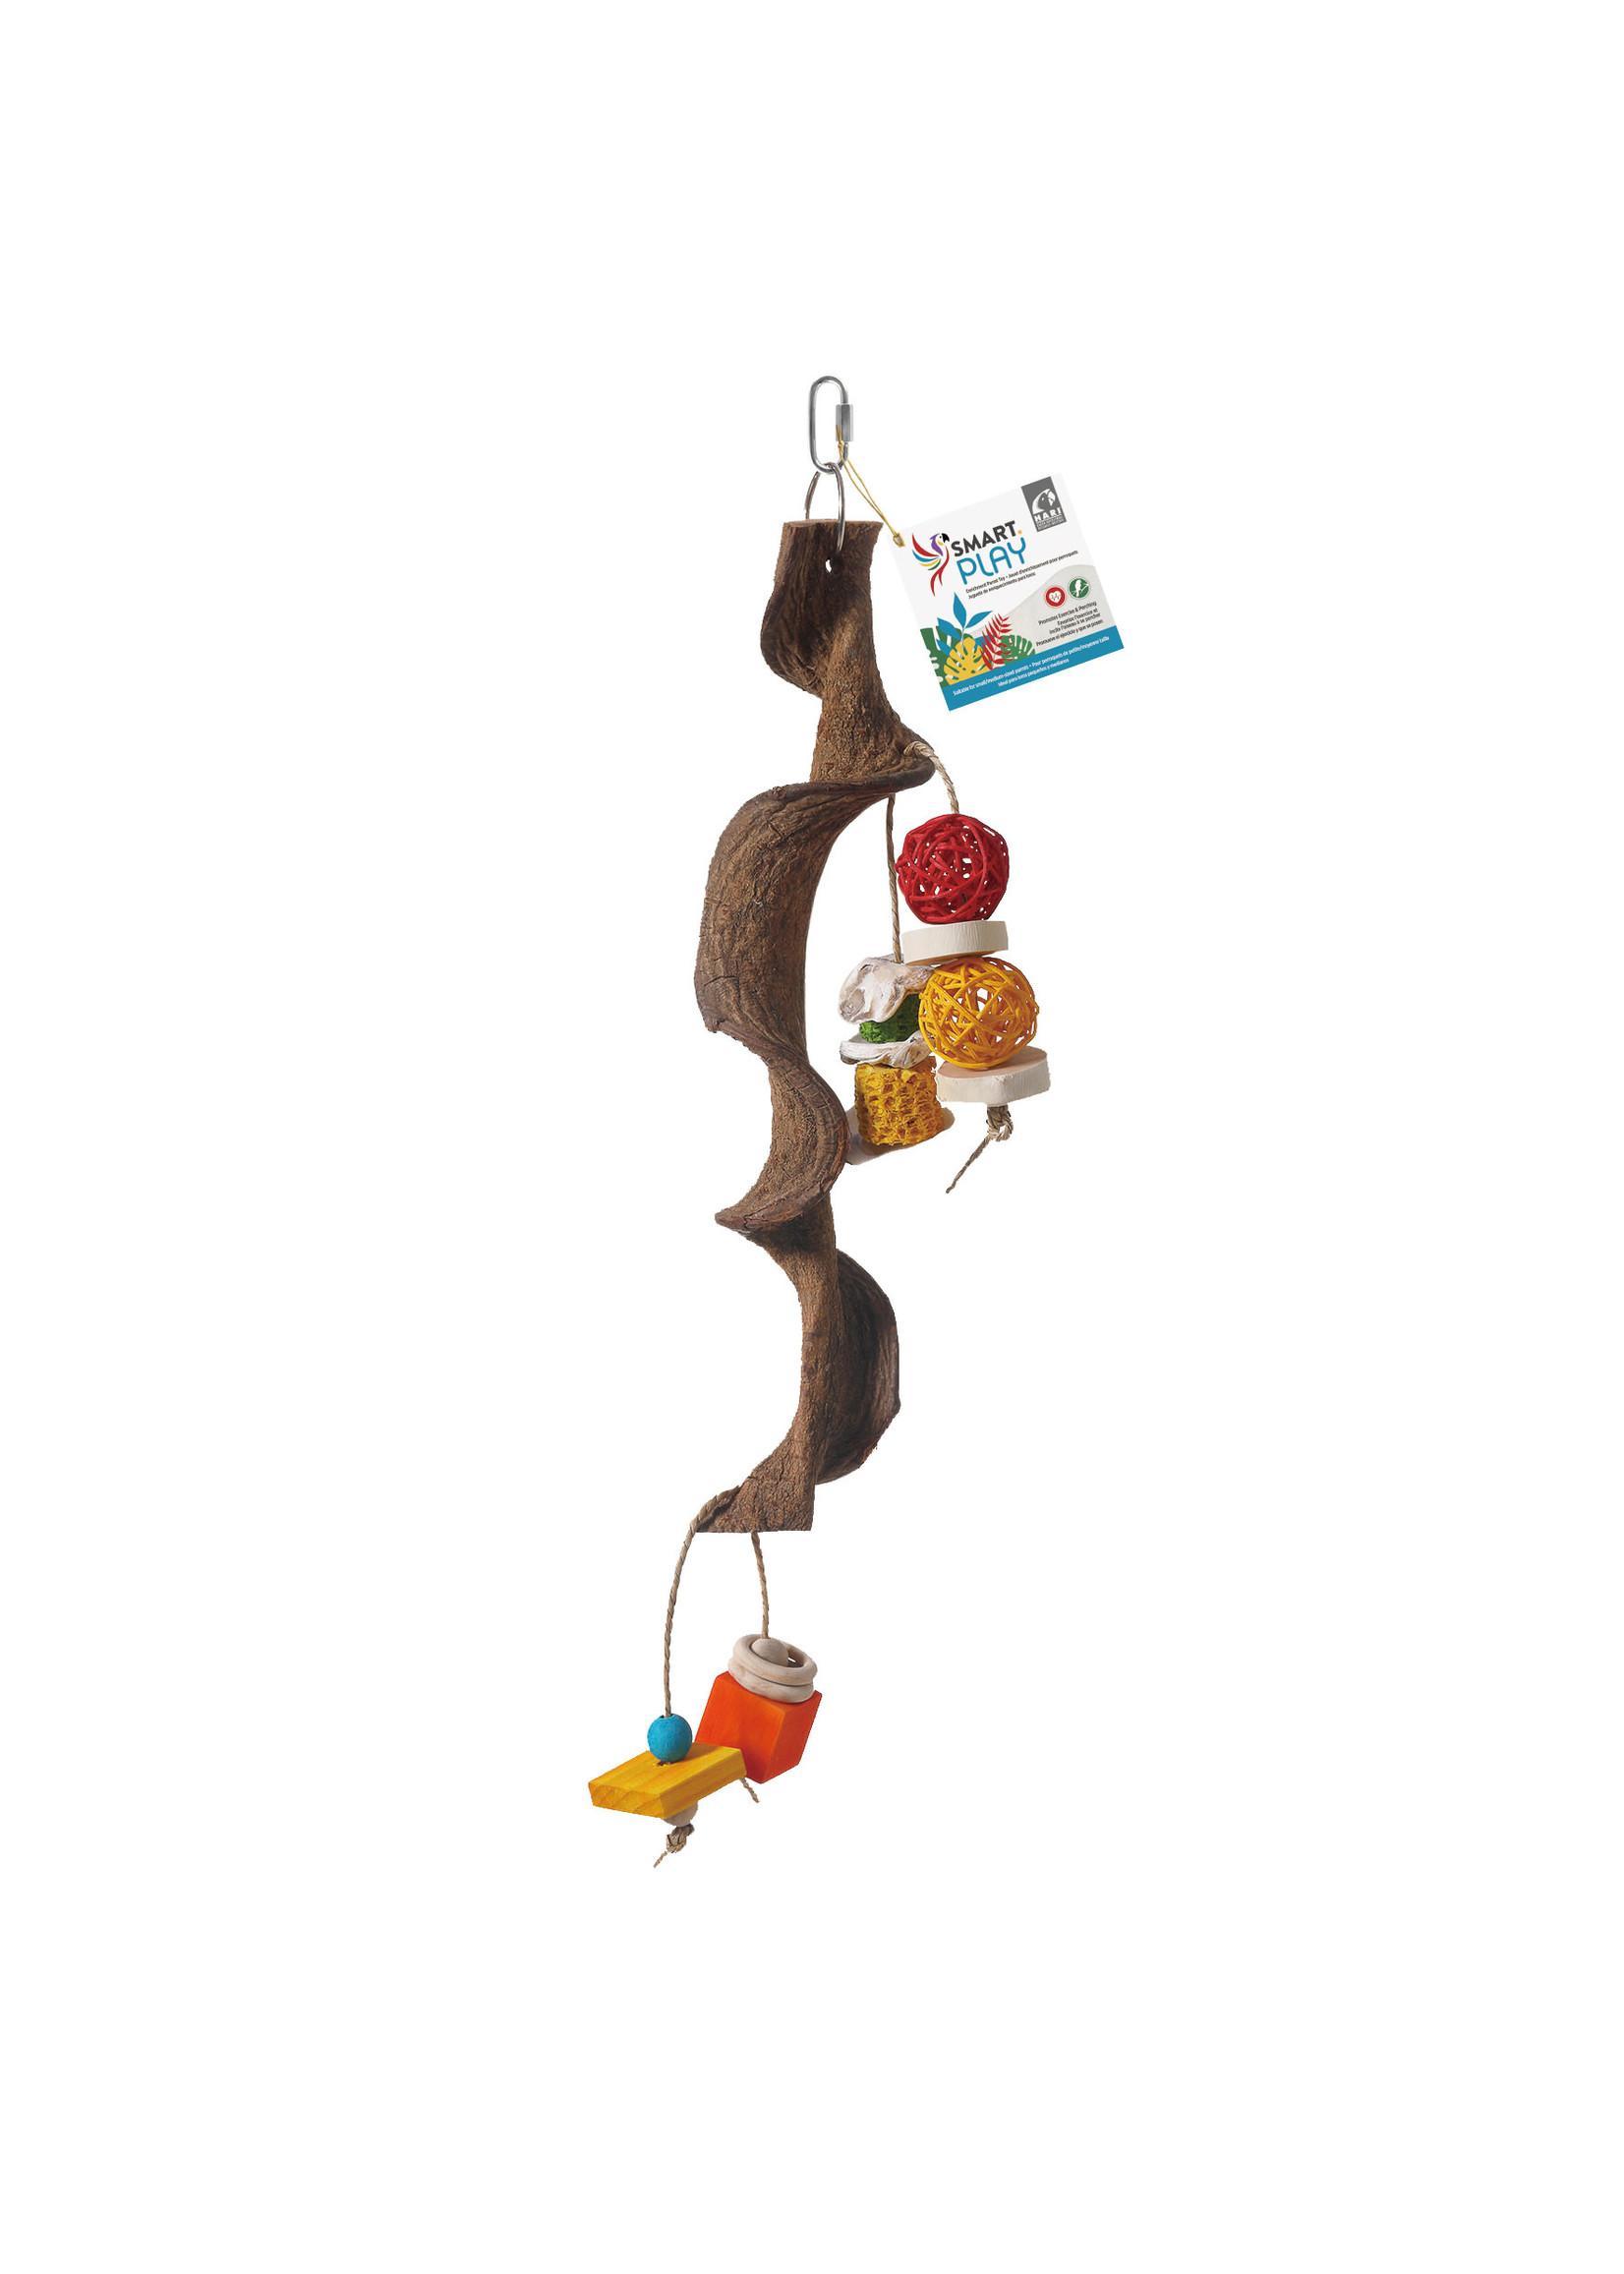 Hari HR Smart Play Prt Toy,VerticalWckyPrch